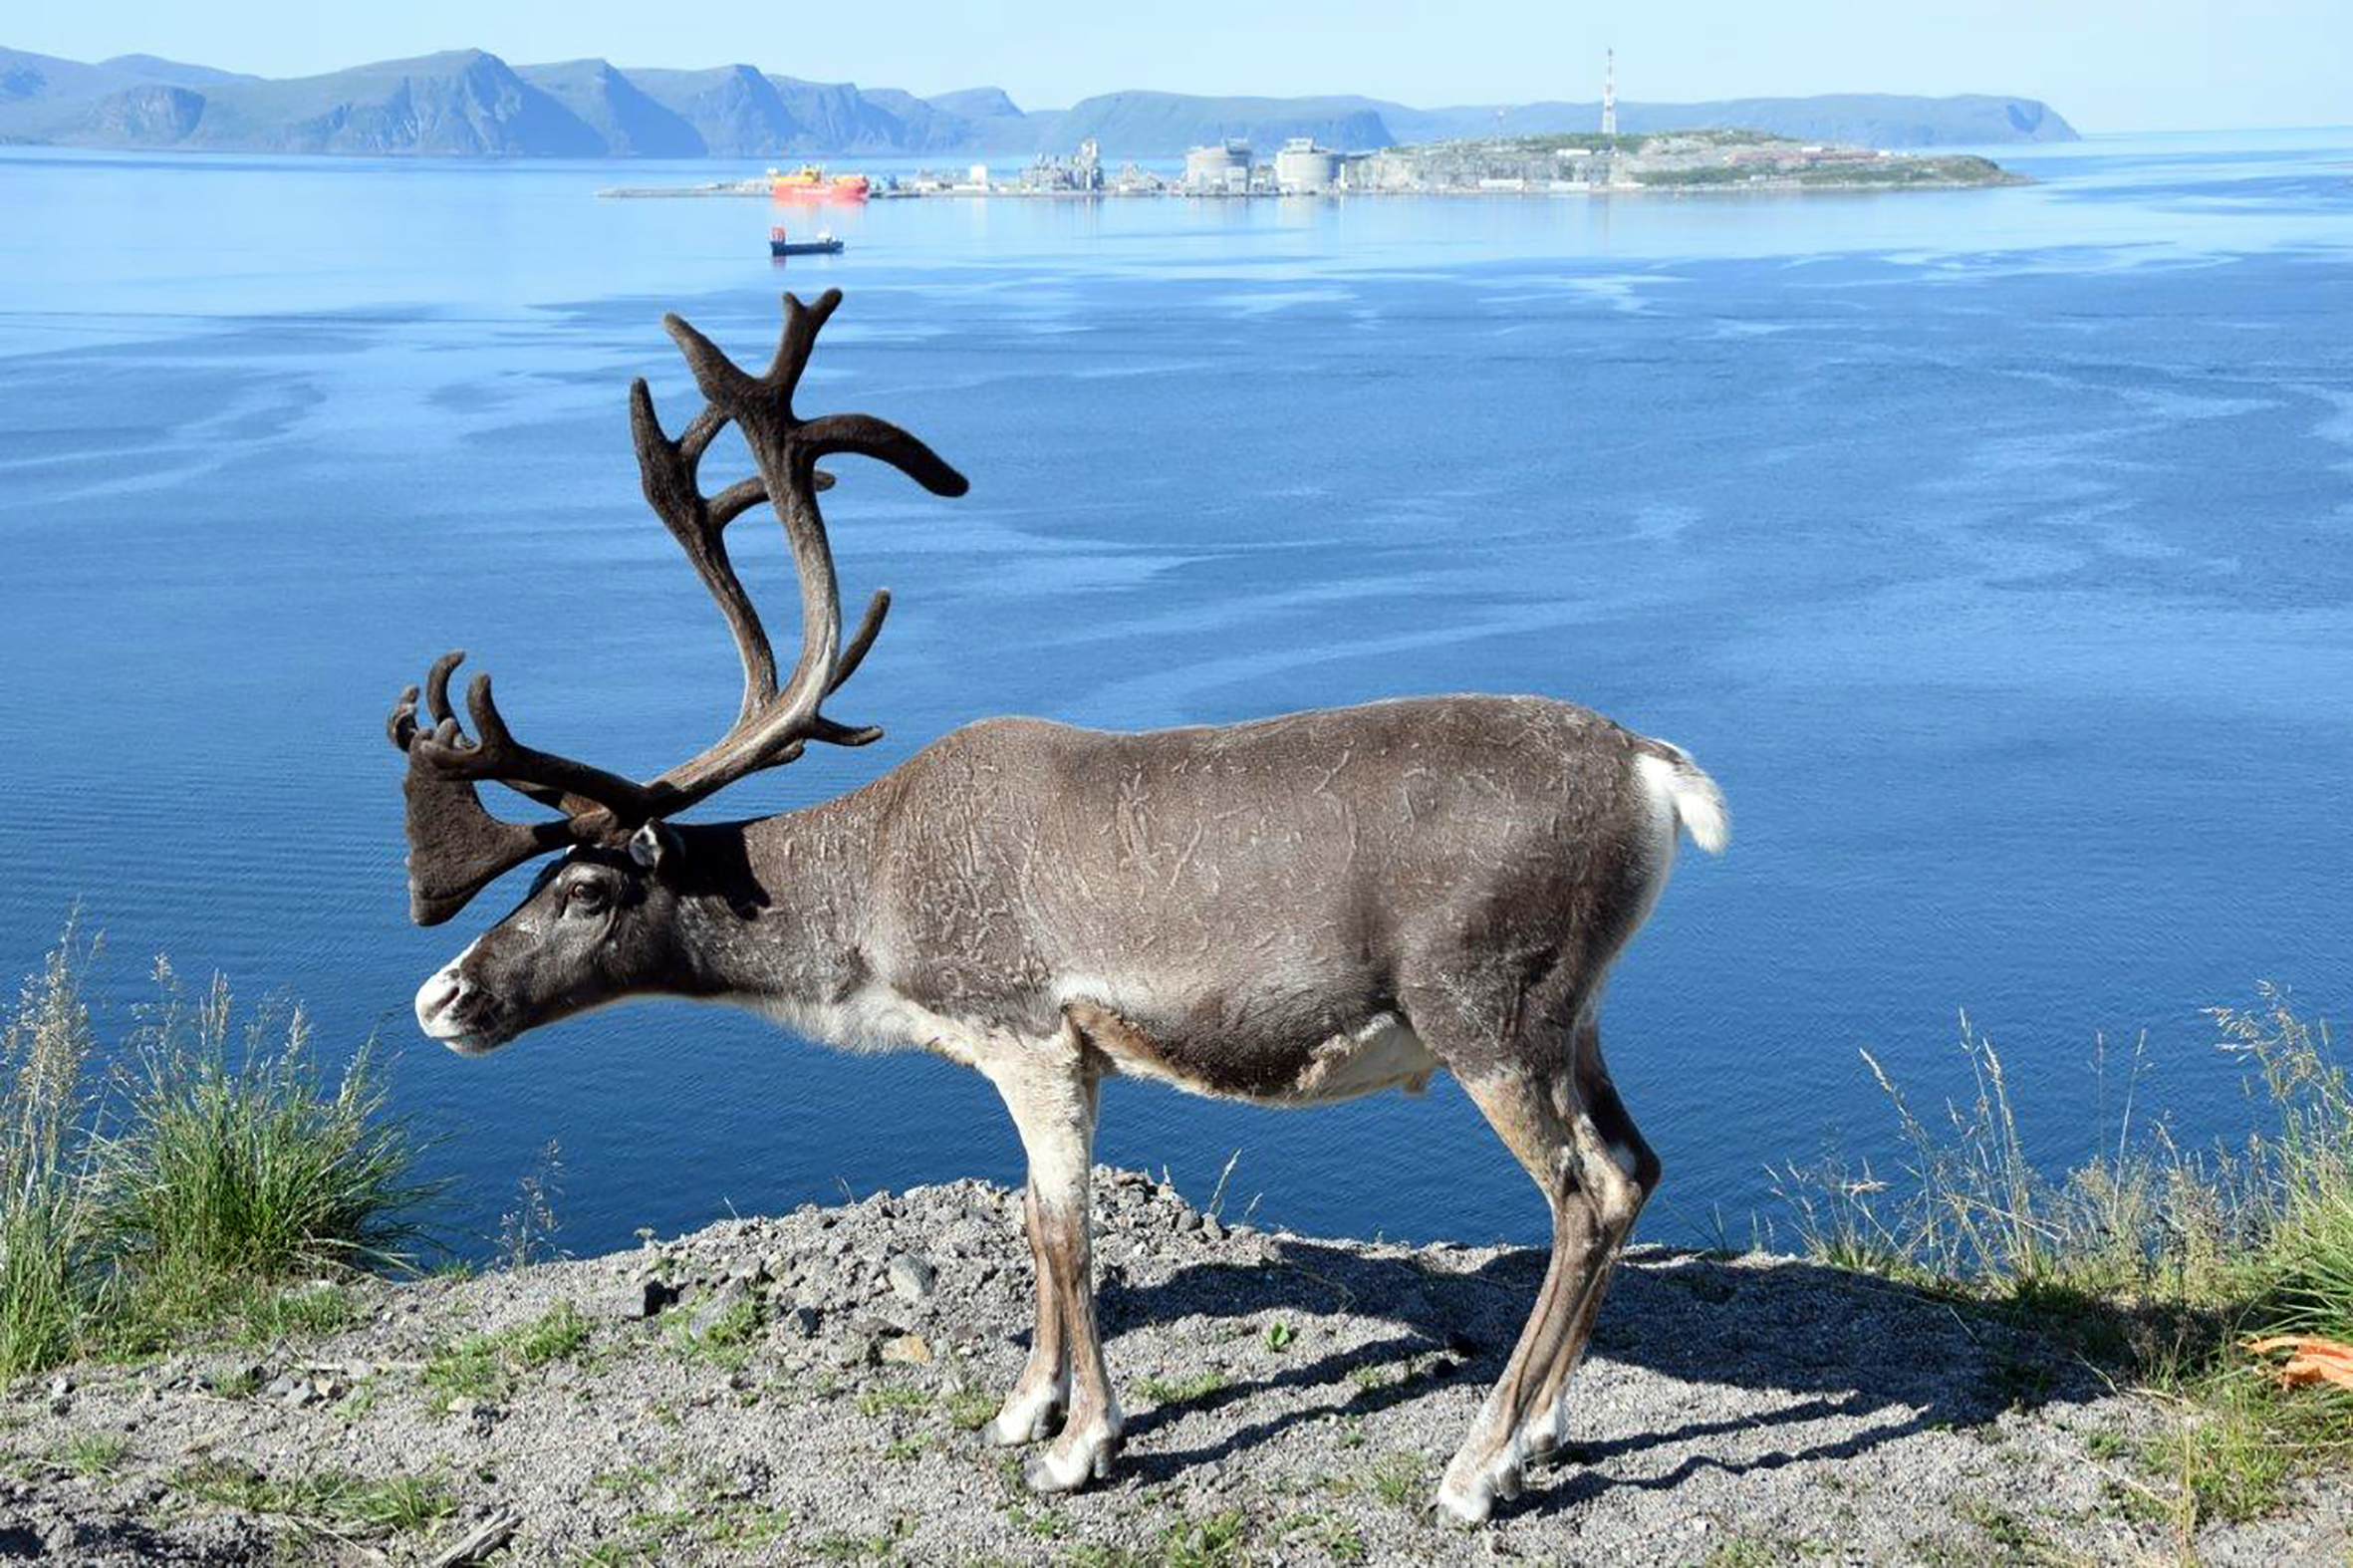 Gammel og ny næring i Finnmark. En tamreinsbukk på sommerbeite i Hammerfest. Bak er Equinors anlegg for prosessering av naturgass fra Snøhvitfeltet i Barentshavet. (Foto: Willy Gryting)